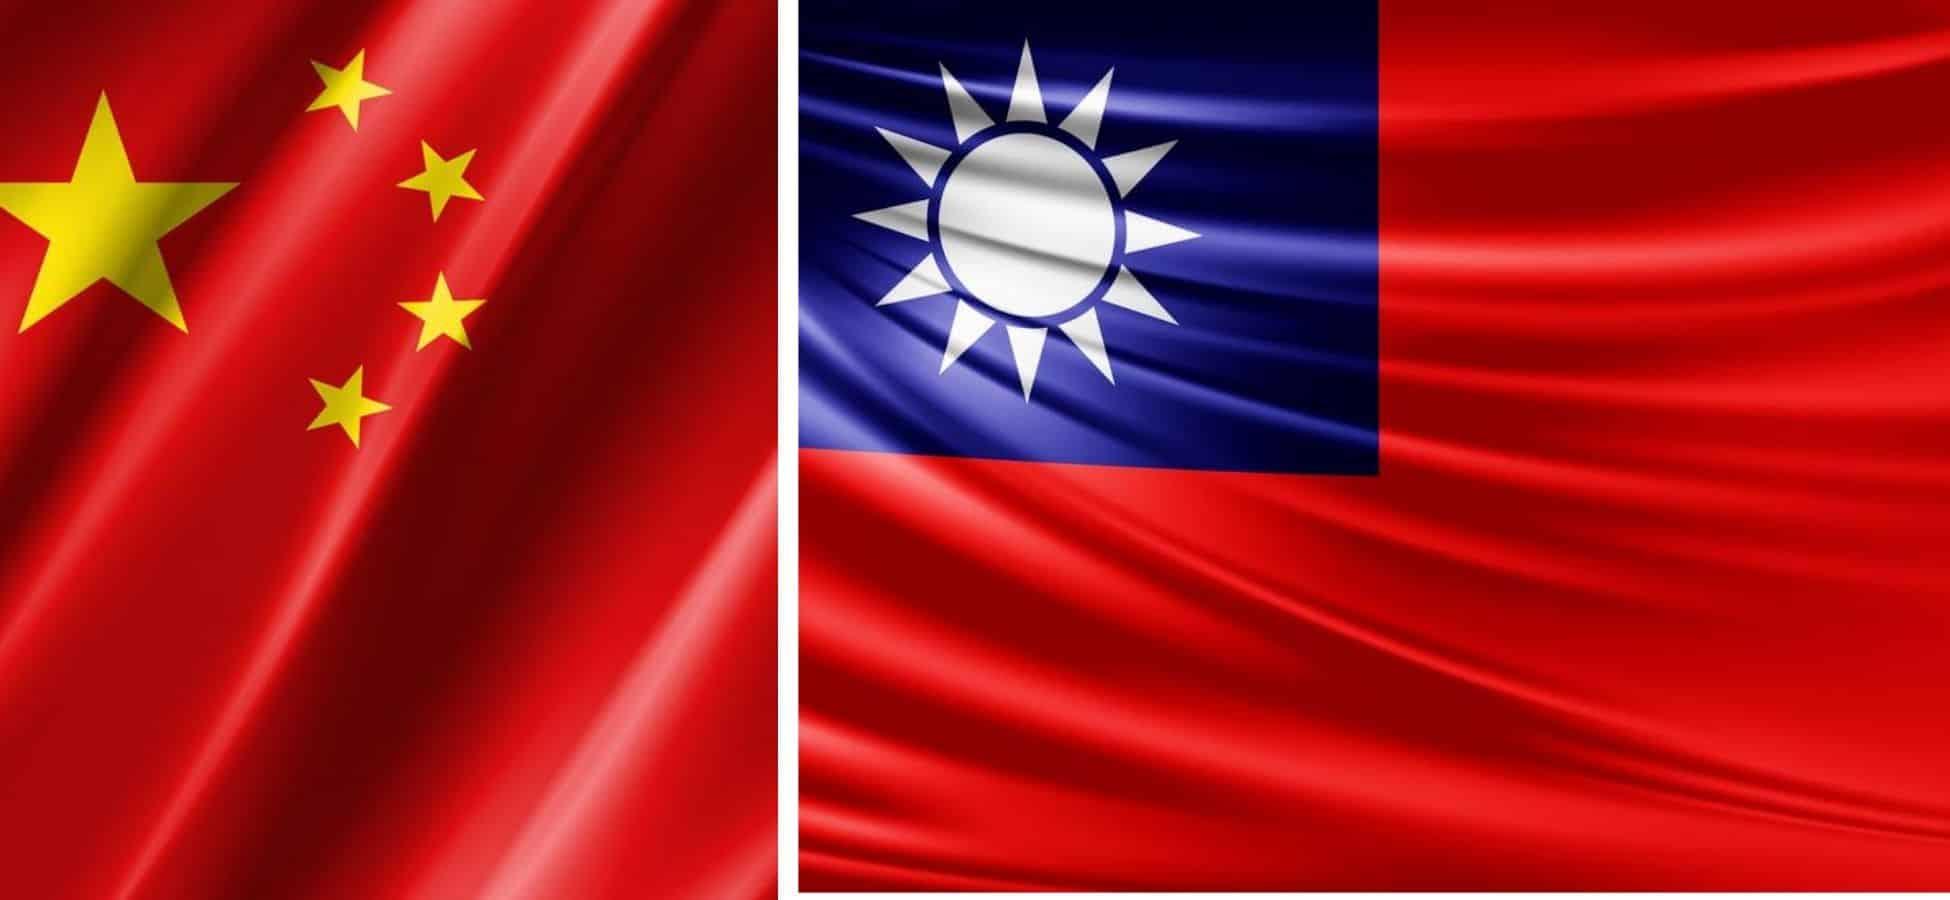 Taïwan / Chine